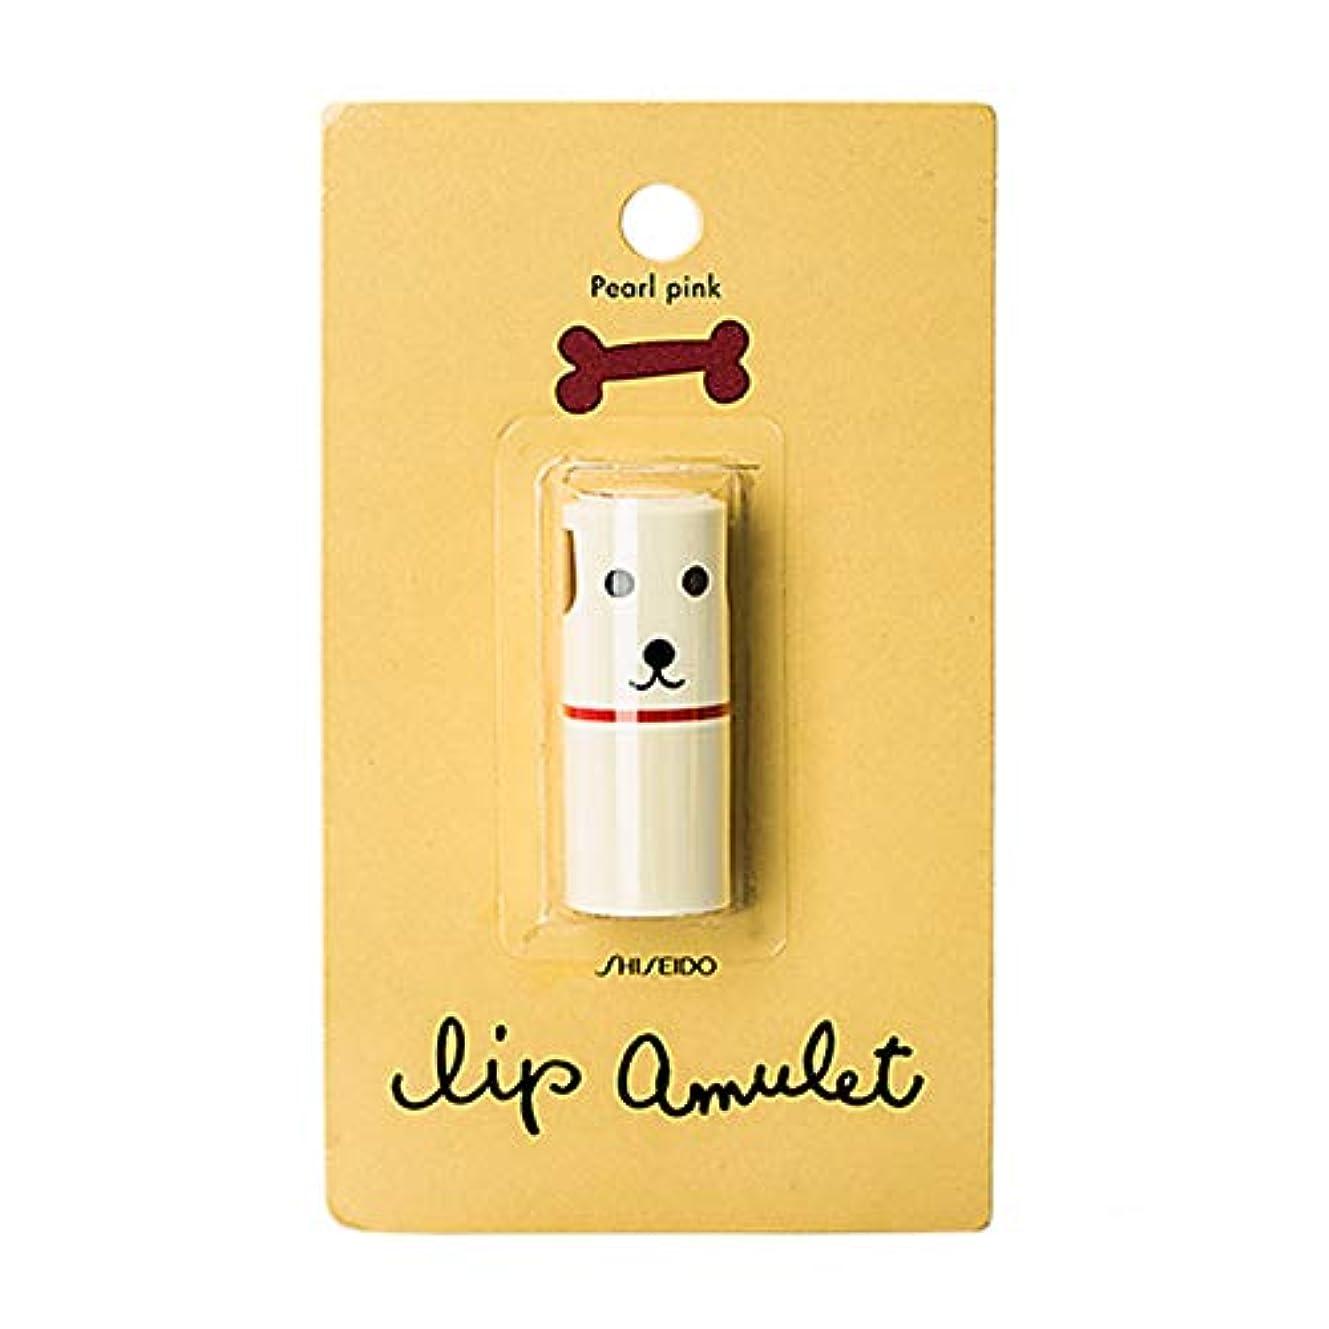 そこ安らぎ符号【台湾限定】資生堂 Shiseido リップアミュレット Lip Amulet お土産 コスメ 色つきリップ 単品 珍珠粉紅 (パールピンク) [並行輸入品]